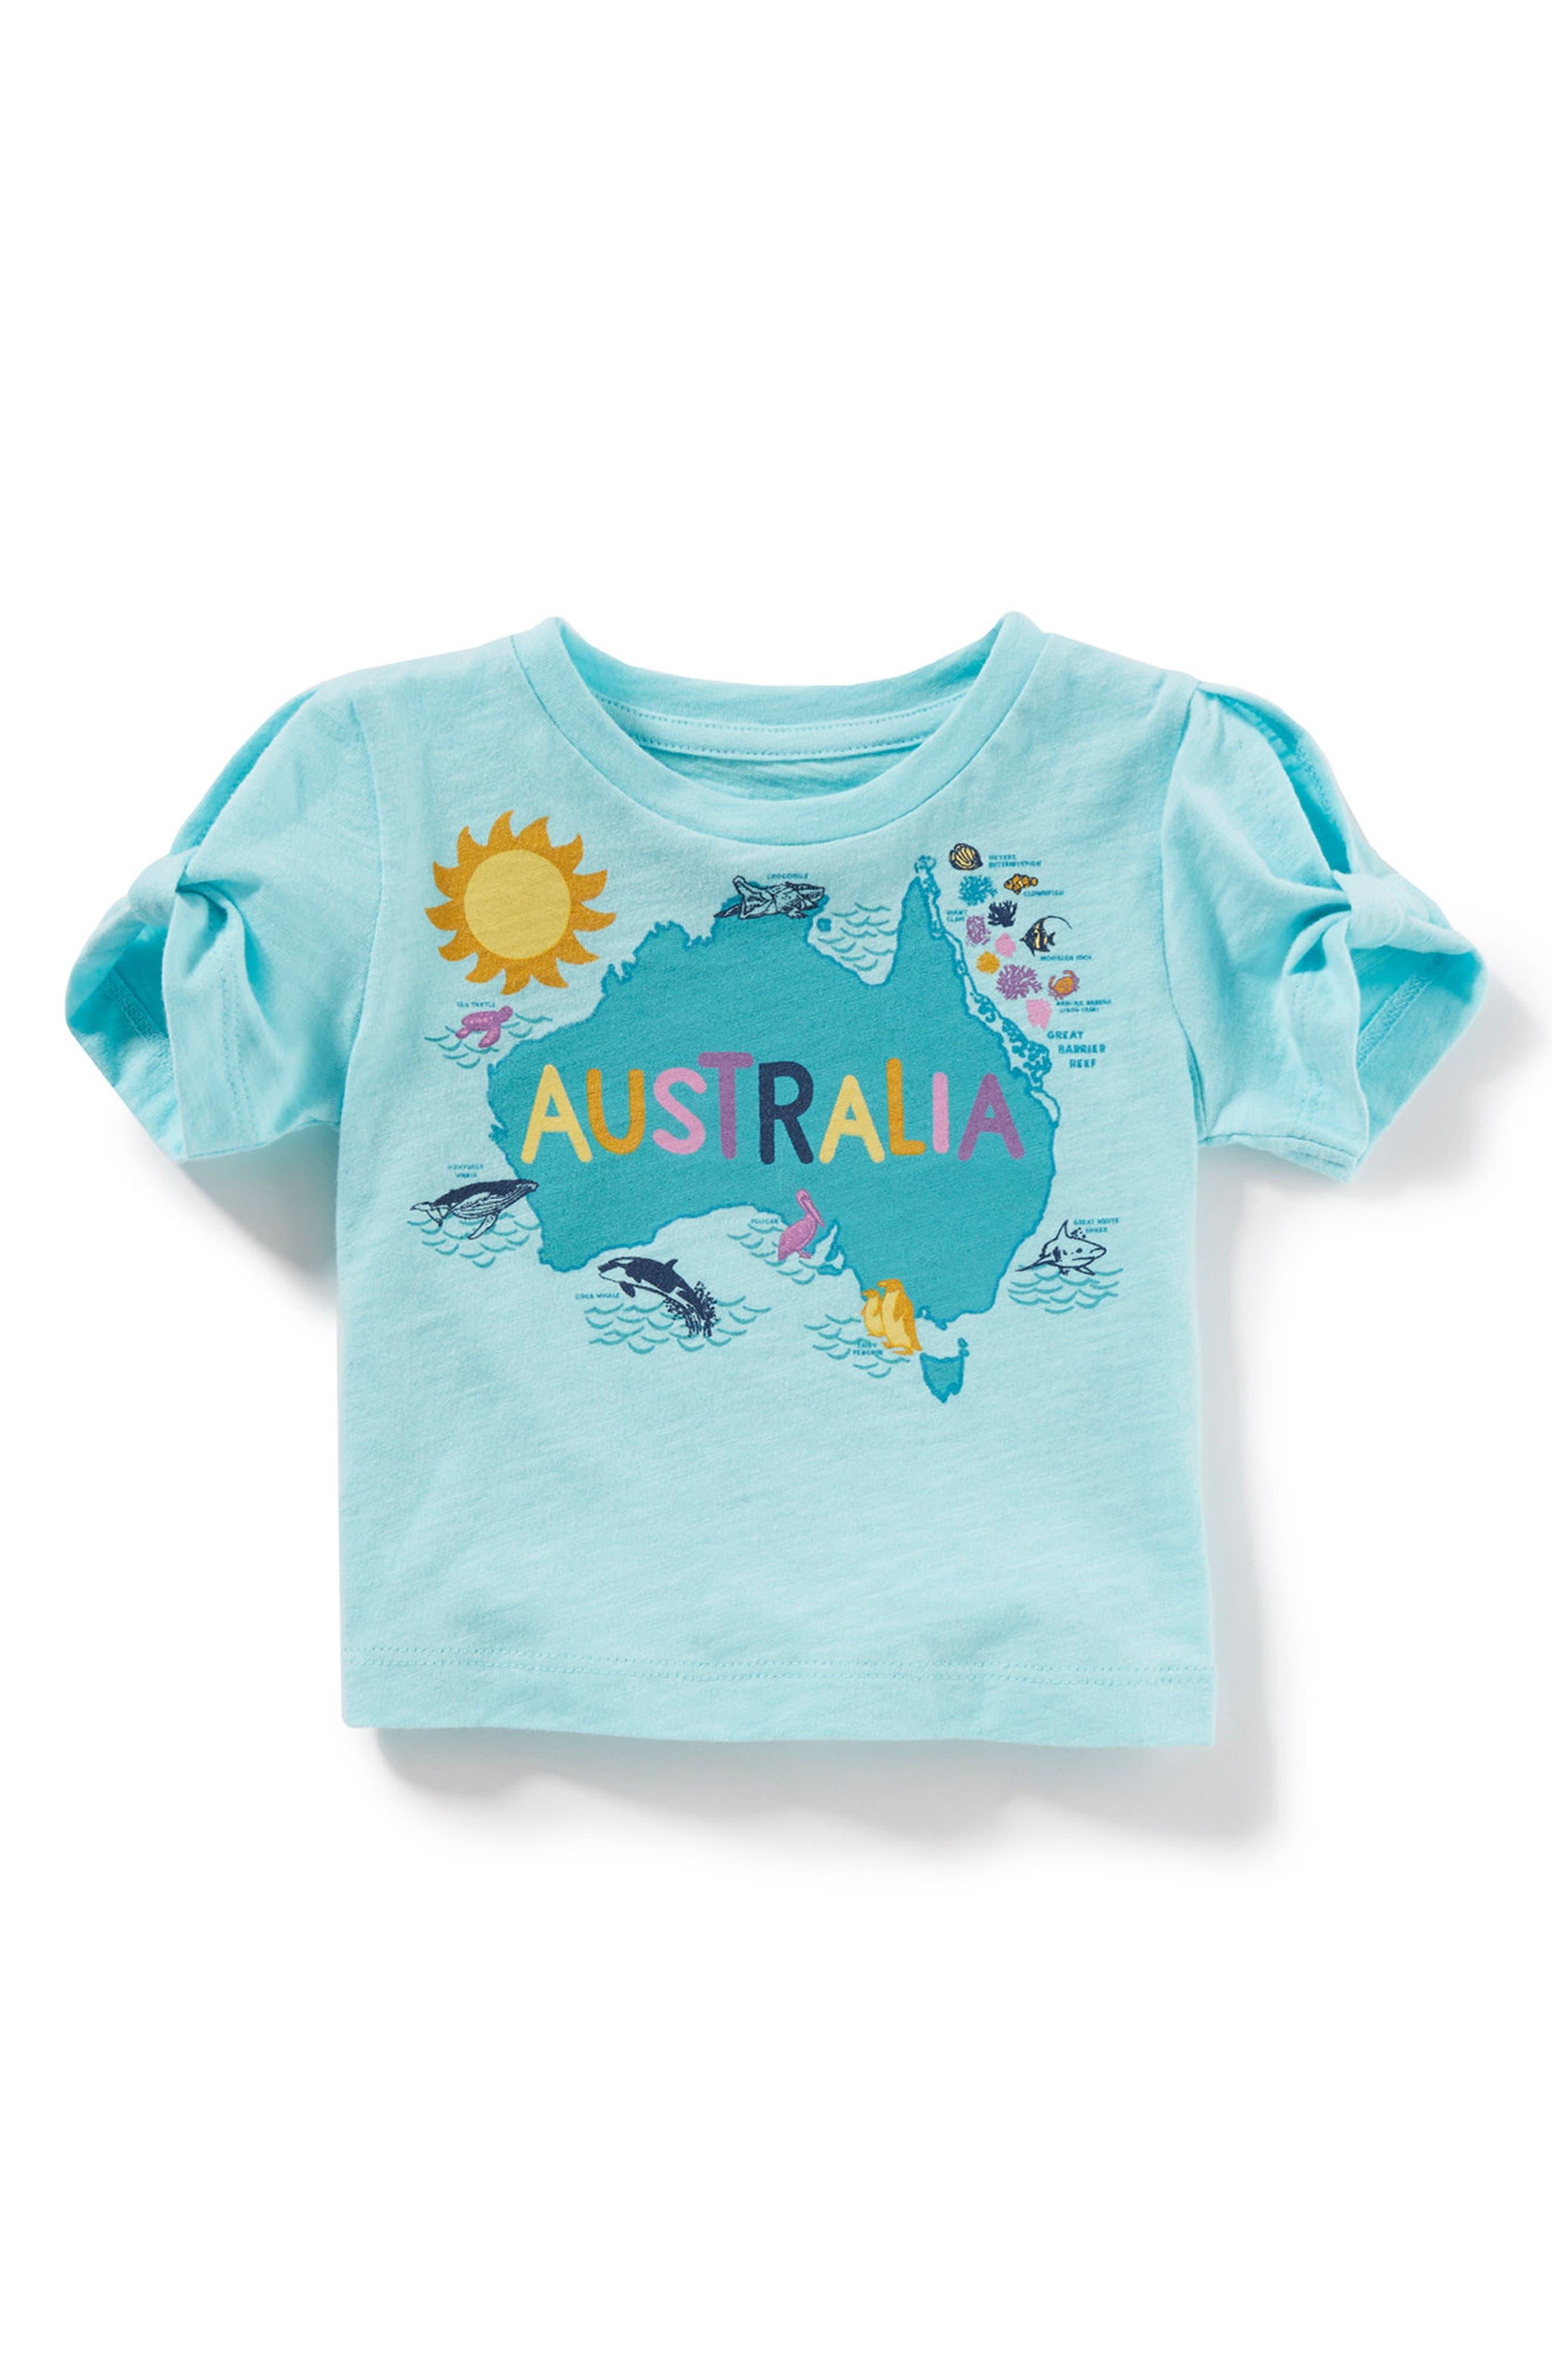 Australia Tee,                             Main thumbnail 1, color,                             400